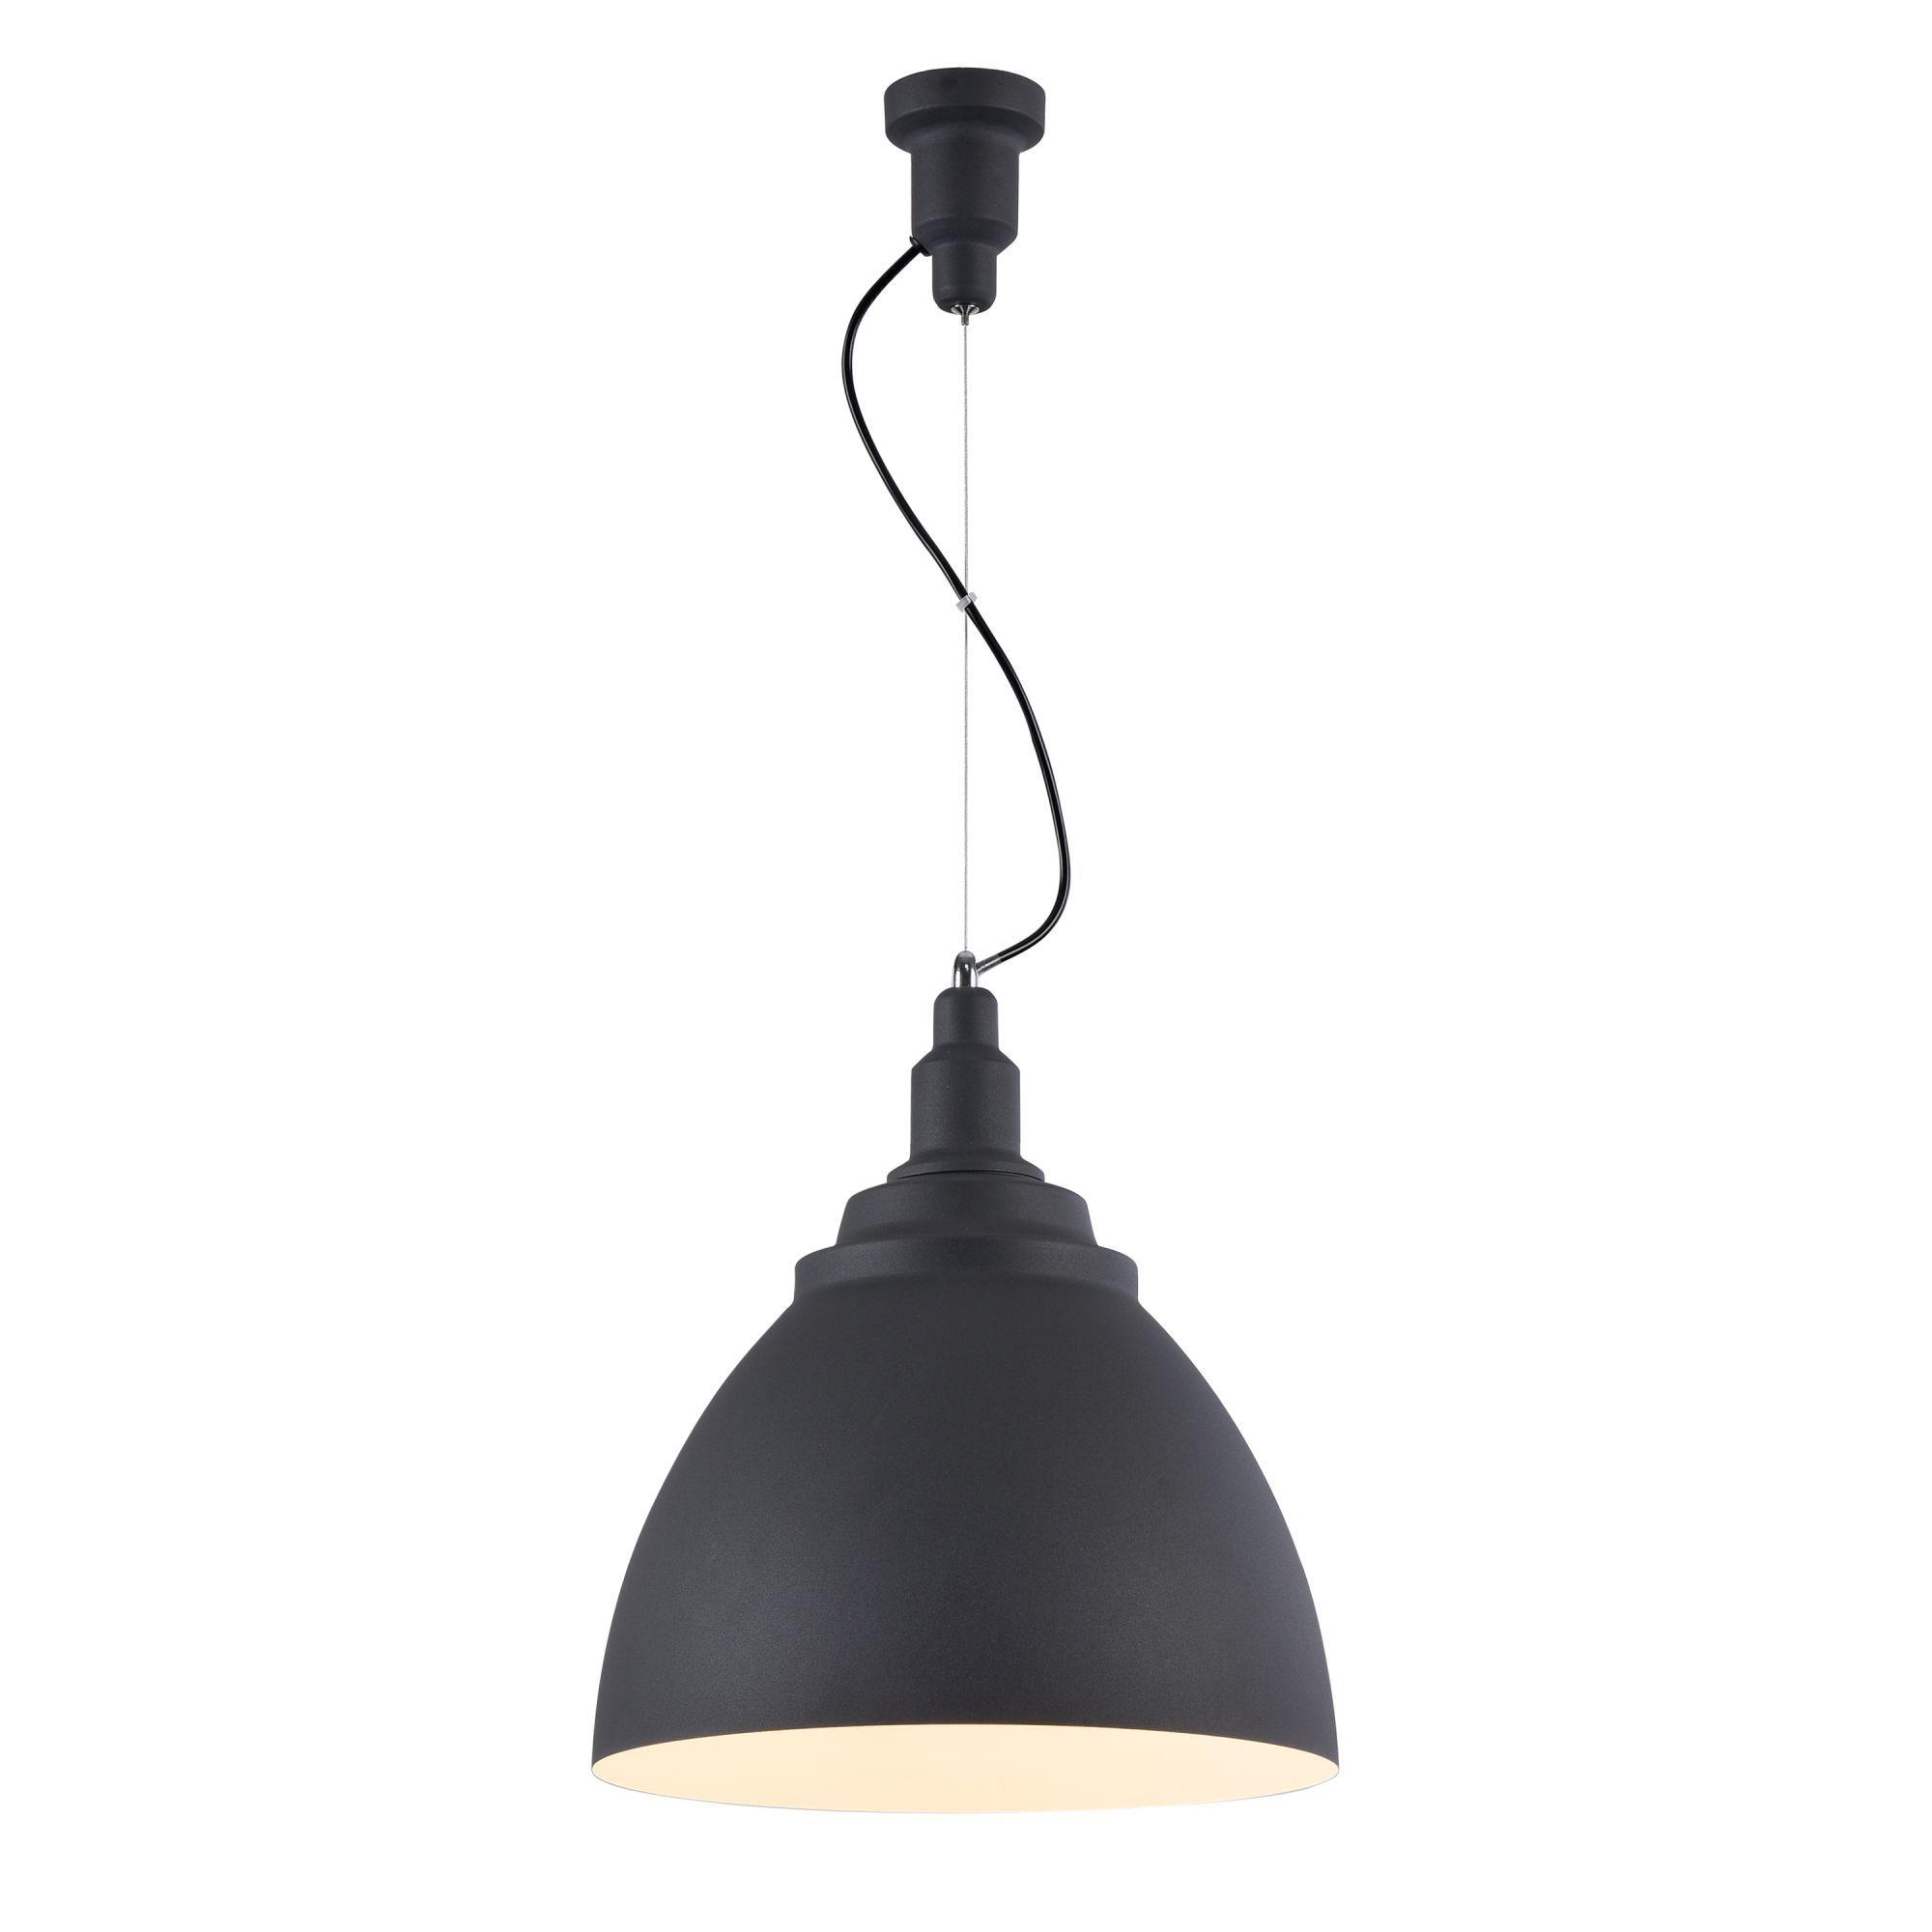 Подвесной светильник Maytoni Bellevue P535PL-01B, 1xE27x60W, черный, металл - фото 2